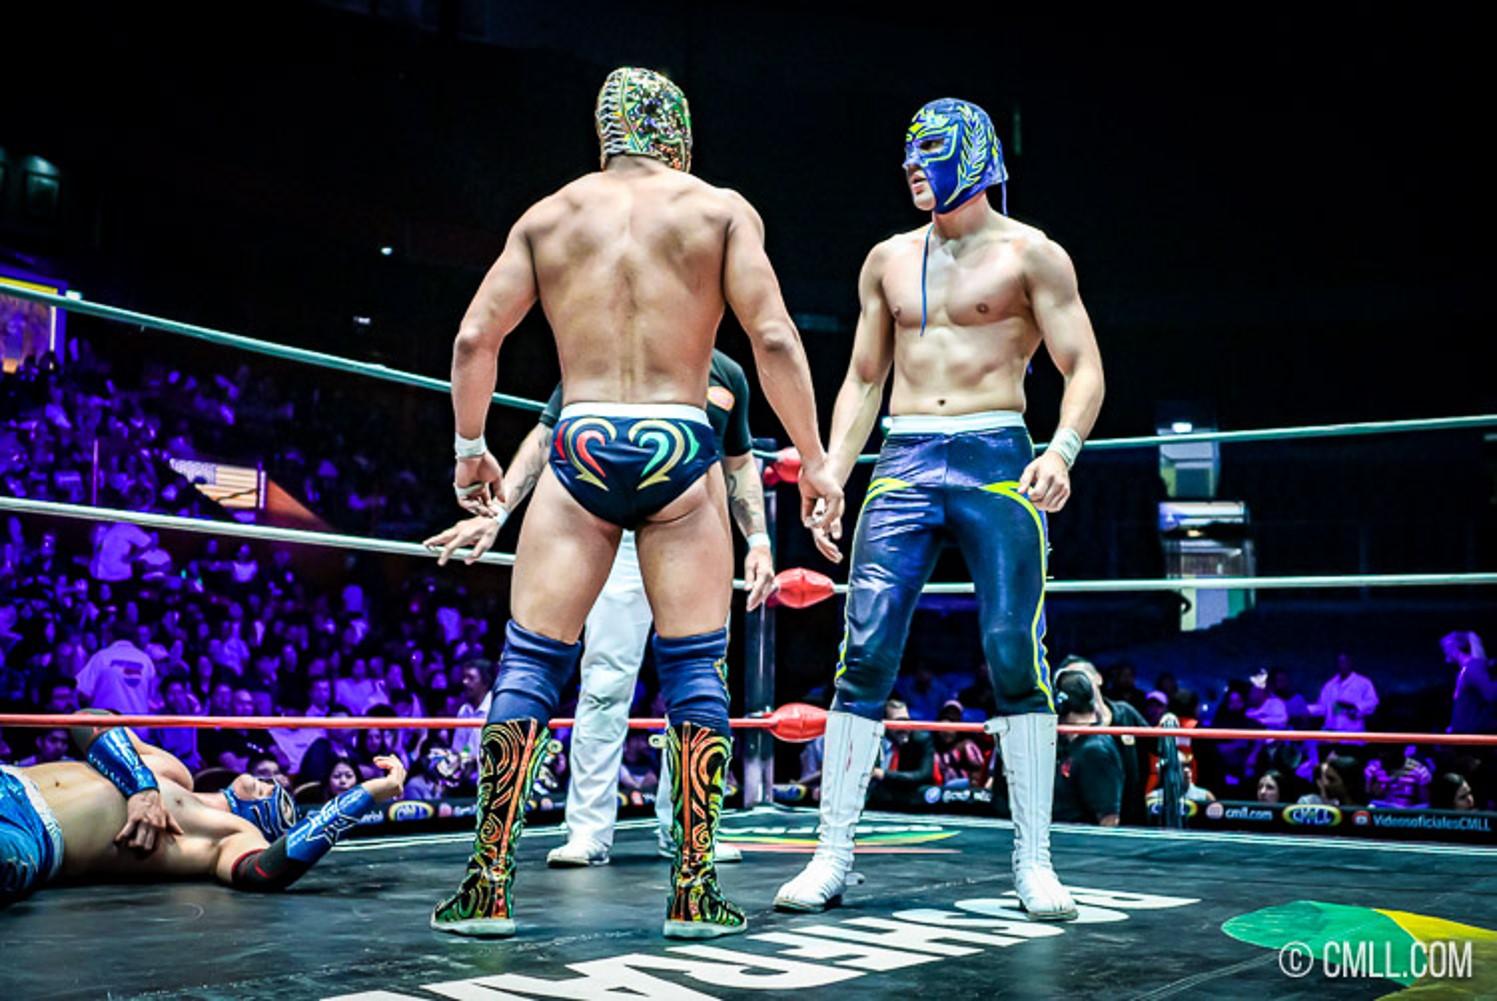 CMLL: Titán y Soberano Jr. tras el Campeonato Mundial Welter 16